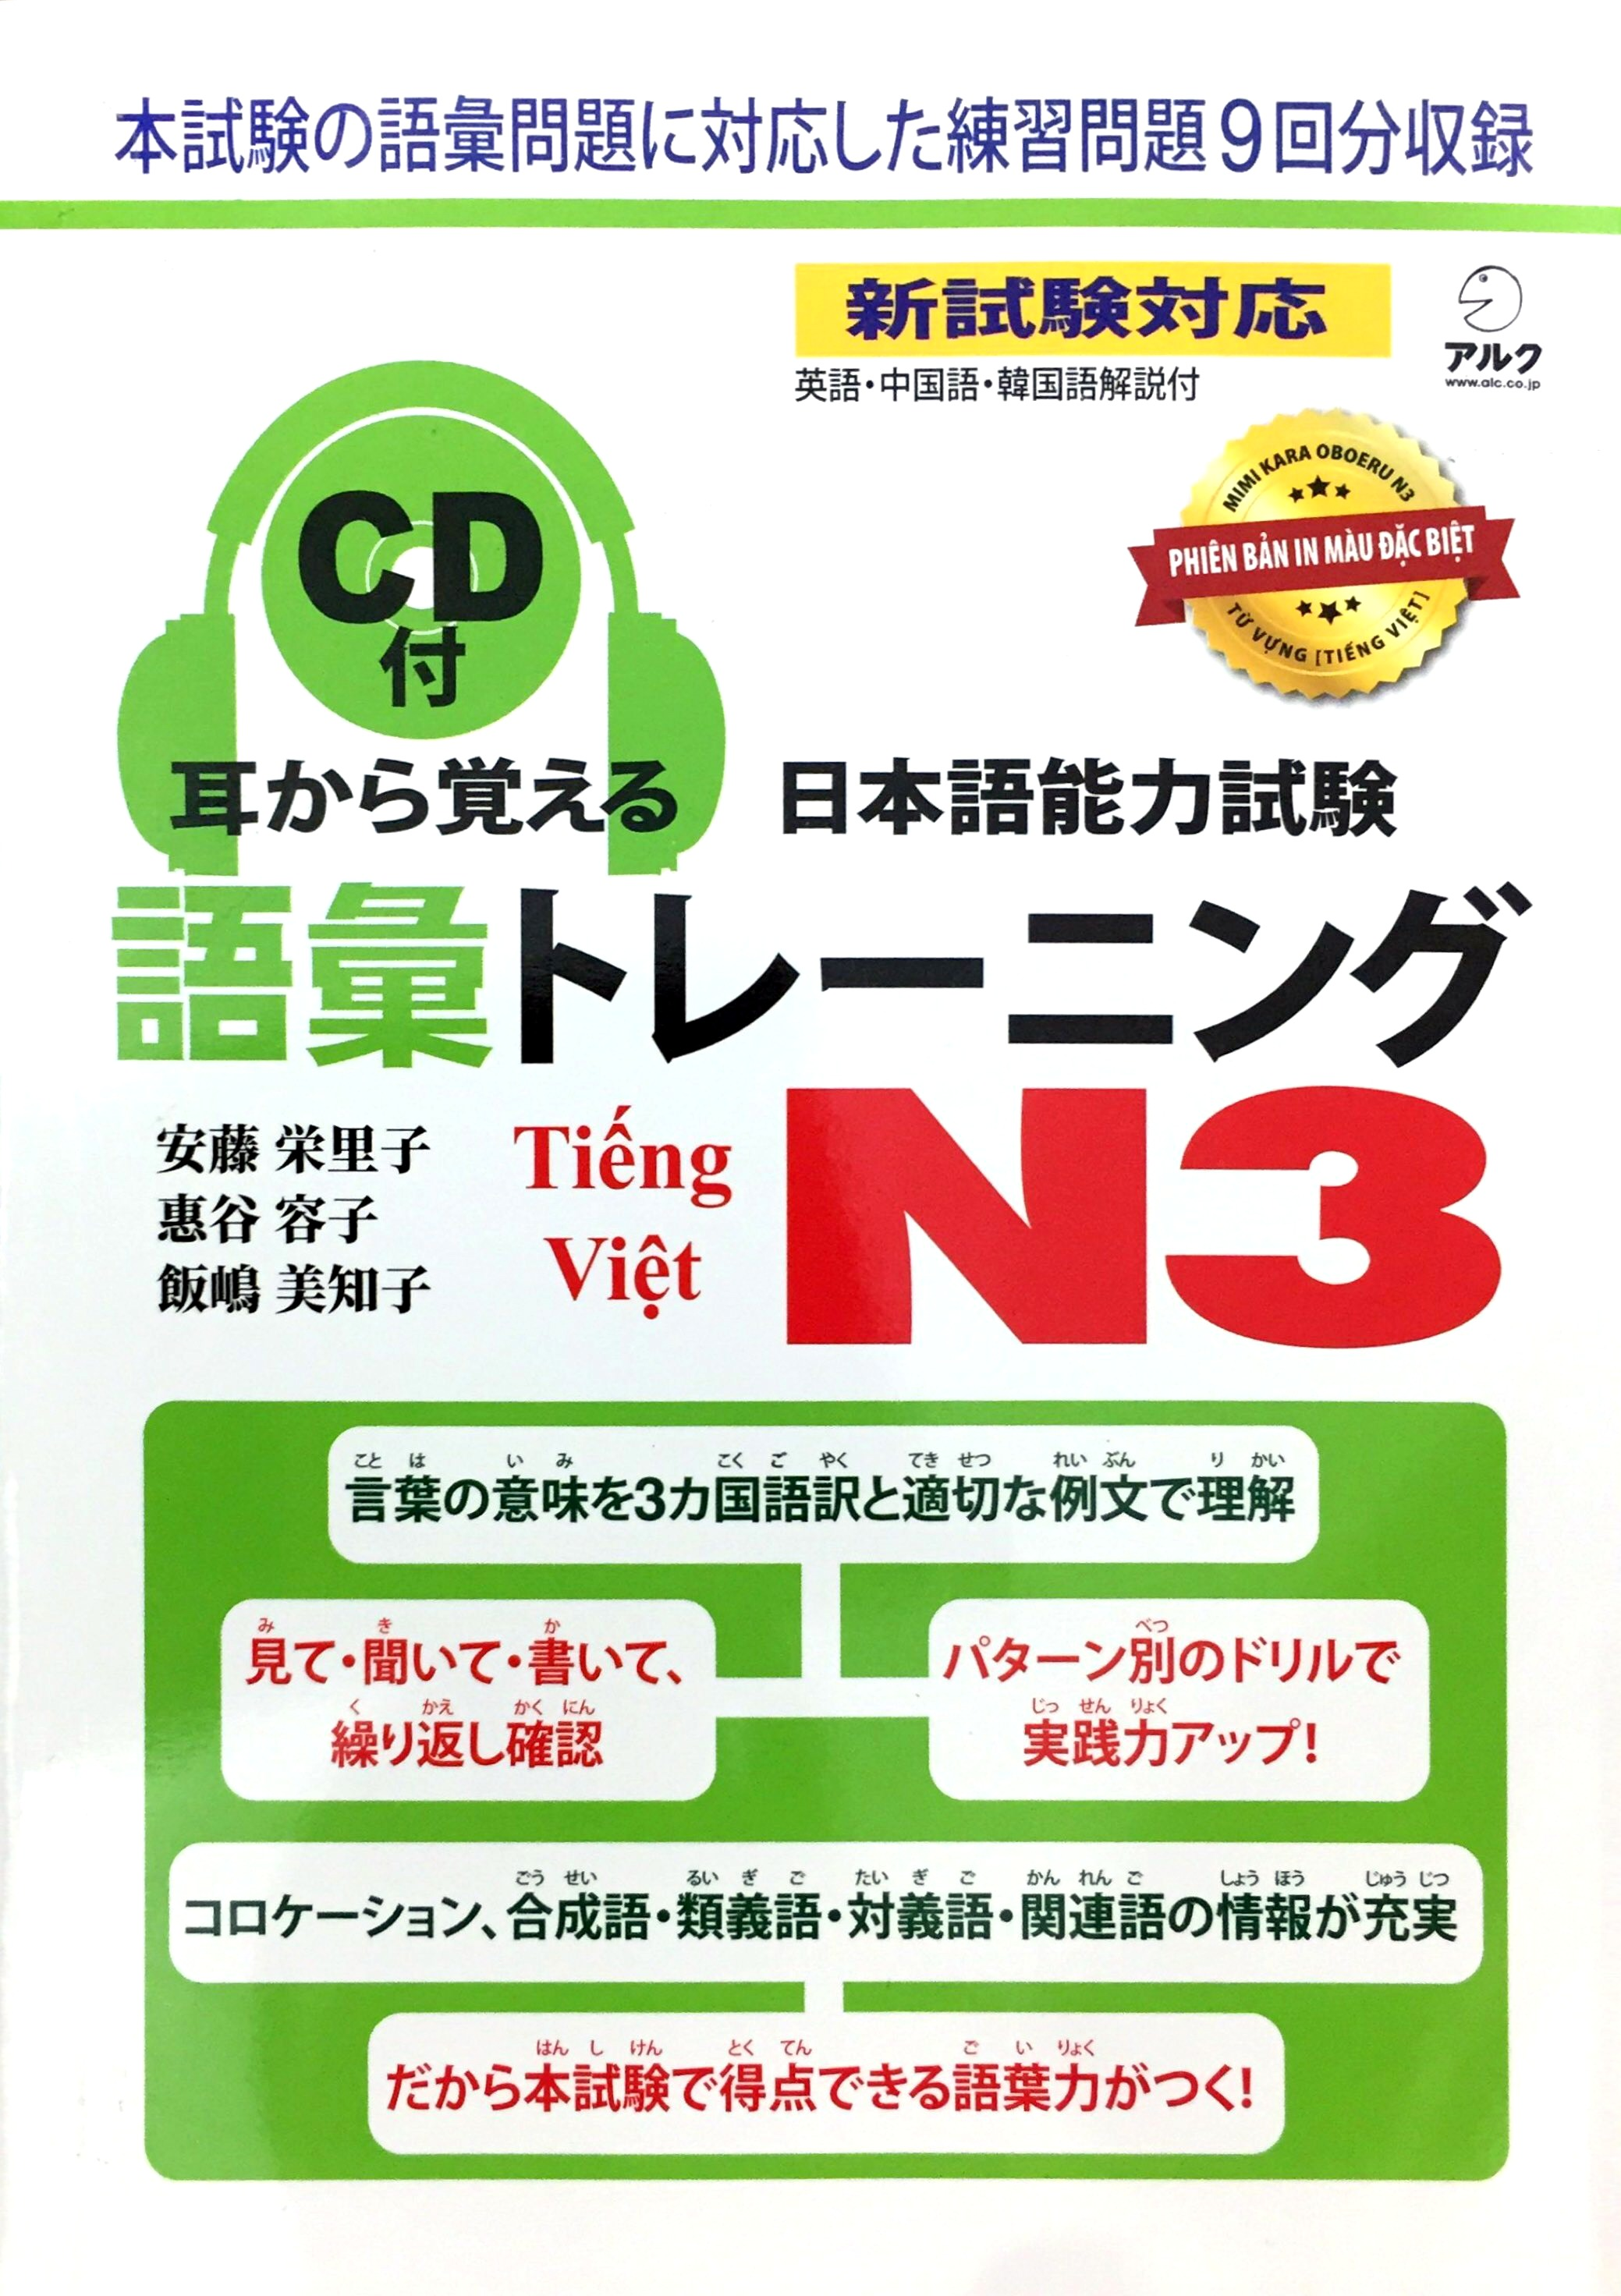 Lifestyle designSách luyện thi N3 Mimikara oboeru Từ vựng – Nhật Việt – Bản màu (Kèm CD)